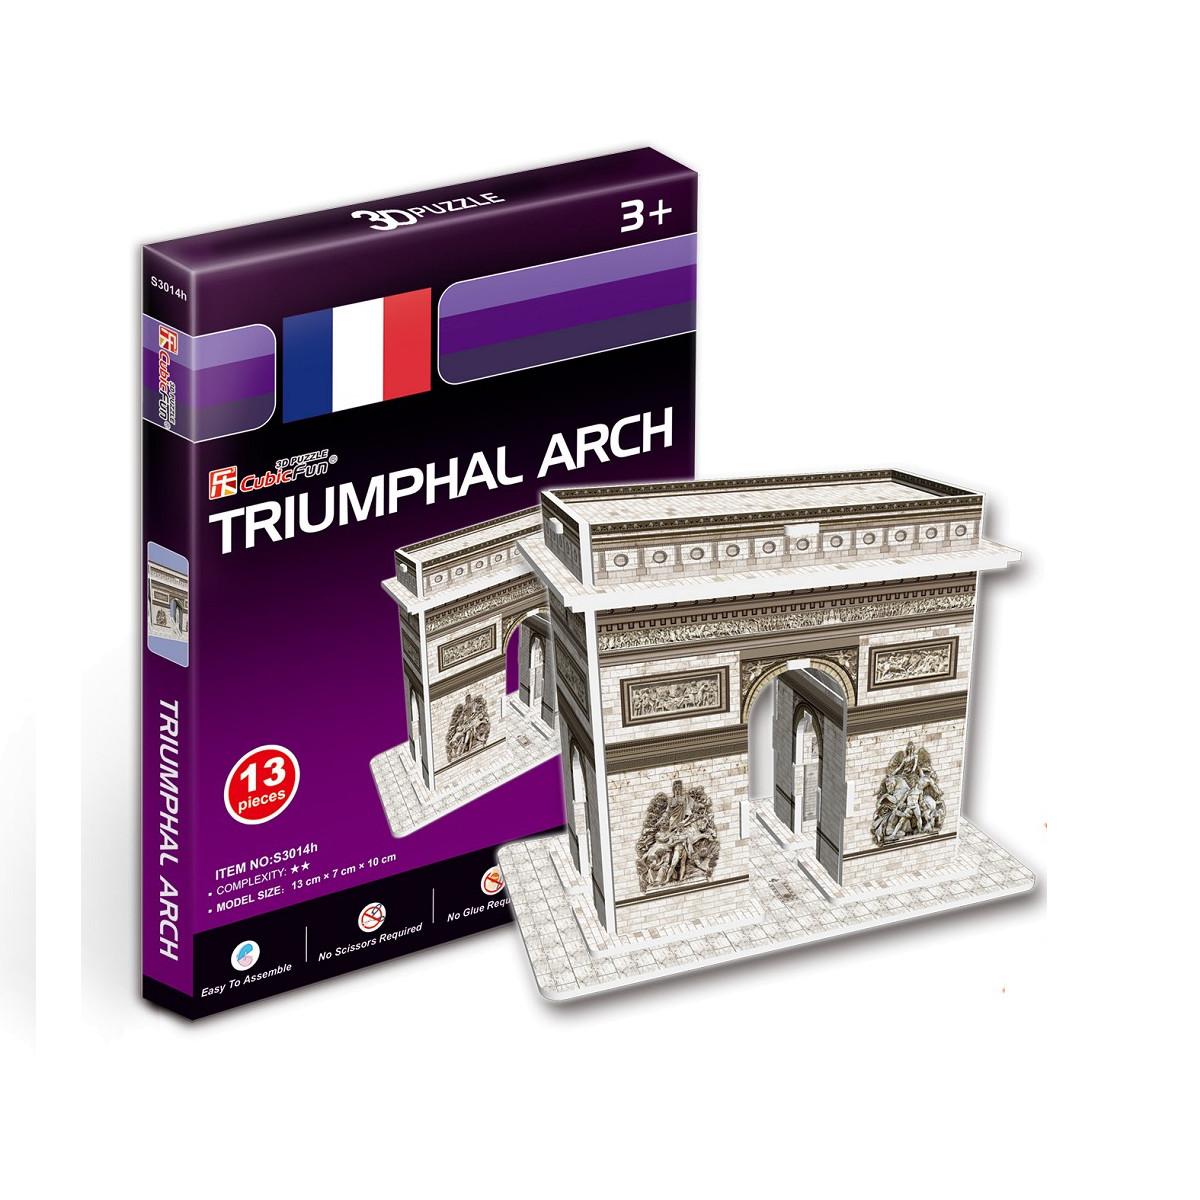 Купить Объемный 3D-пазл Триумфальная арка, Франция, мини серия, Cubic Fun